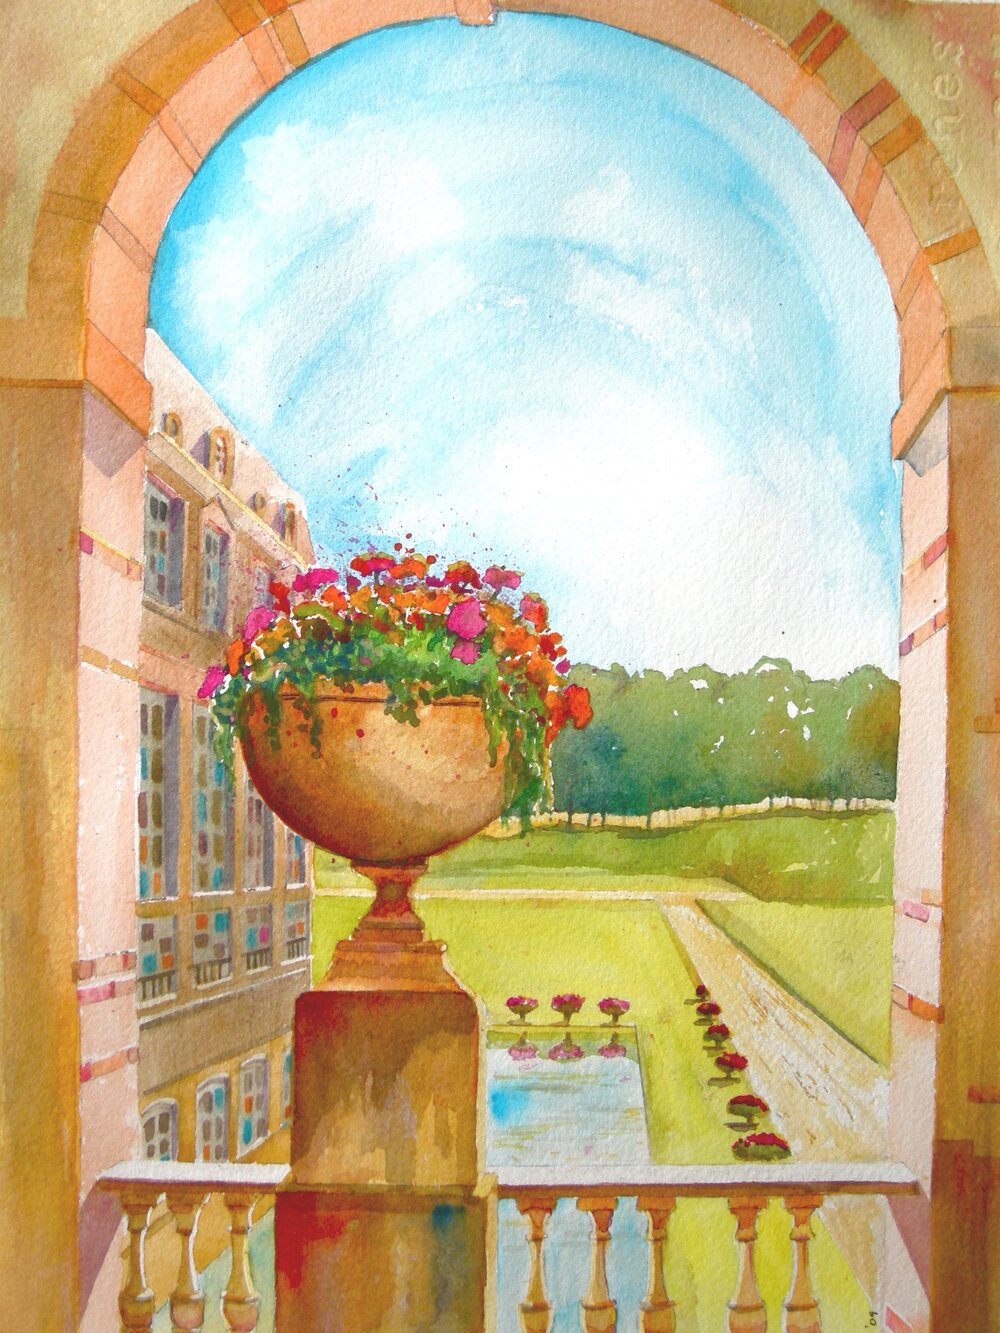 Chateau Flowers - Watercolor 38cmx26cm €480